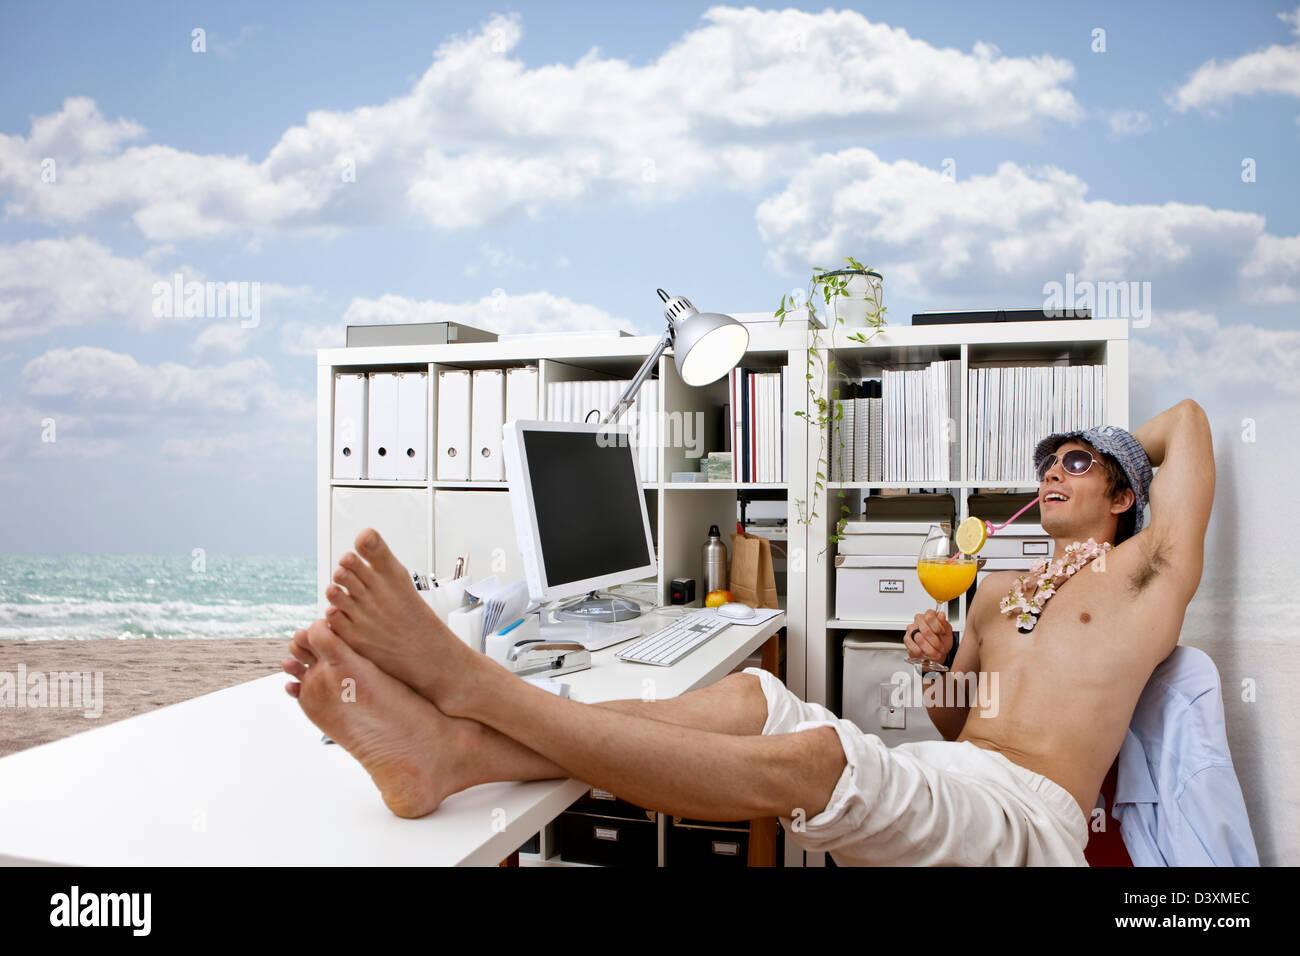 Joven en el trabajo soñar acerca de playa, cócteles, vida fácil Imagen De Stock